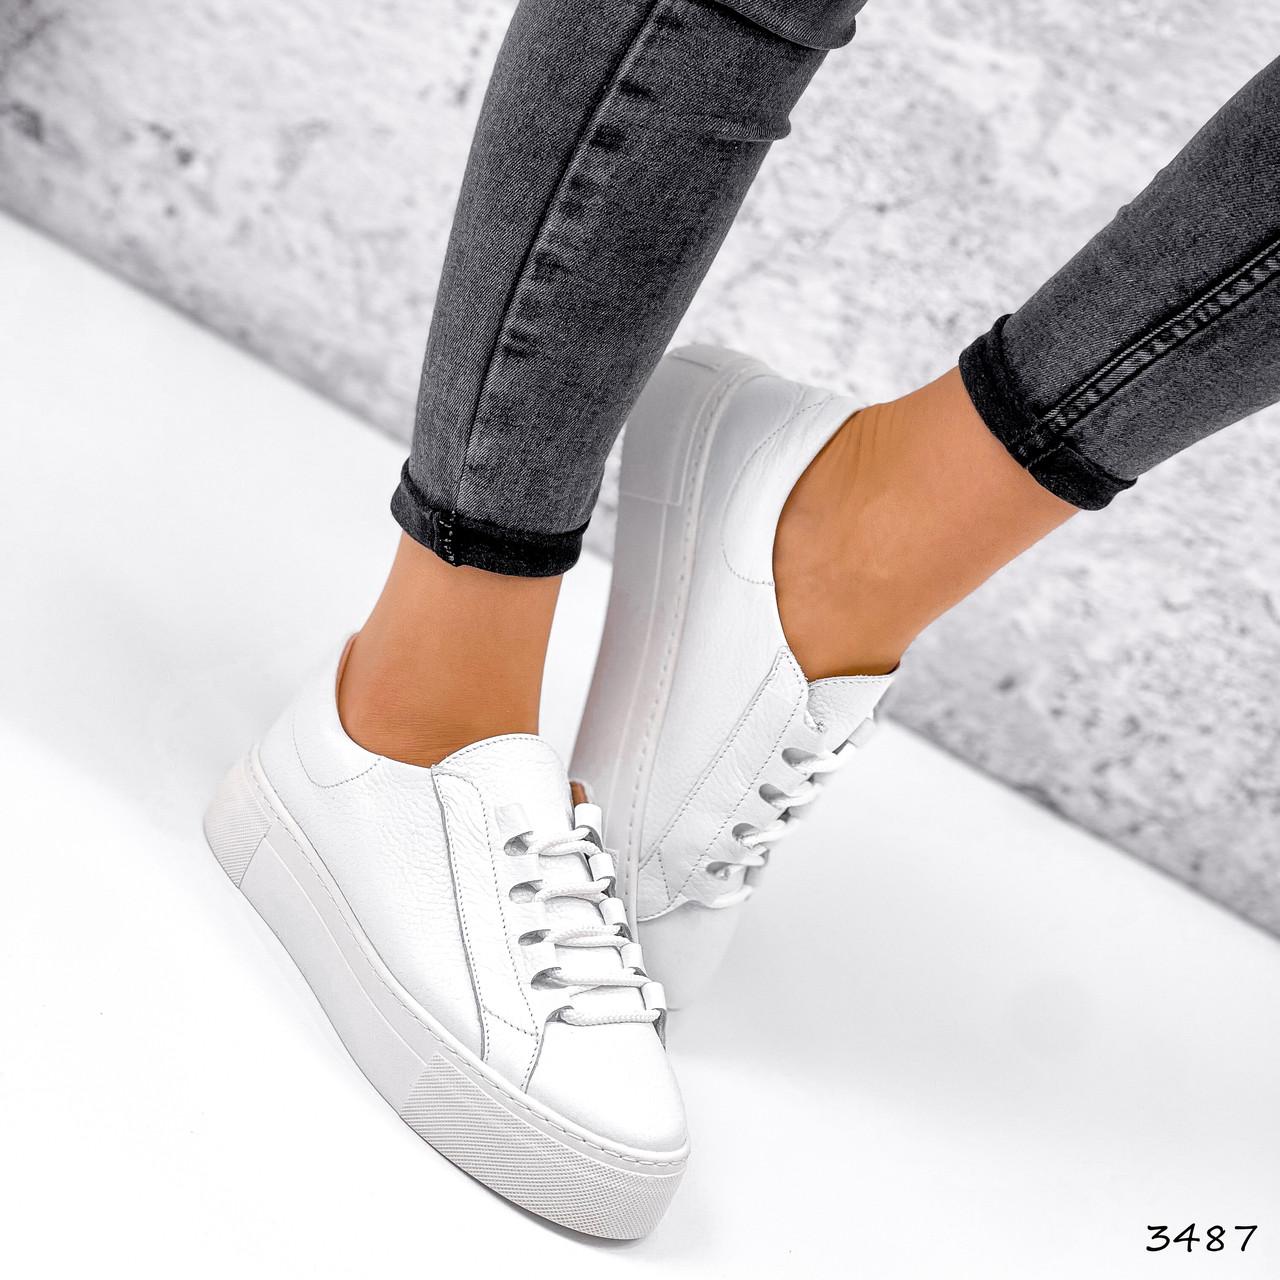 Кросівки жіночі Lisa білі 3487